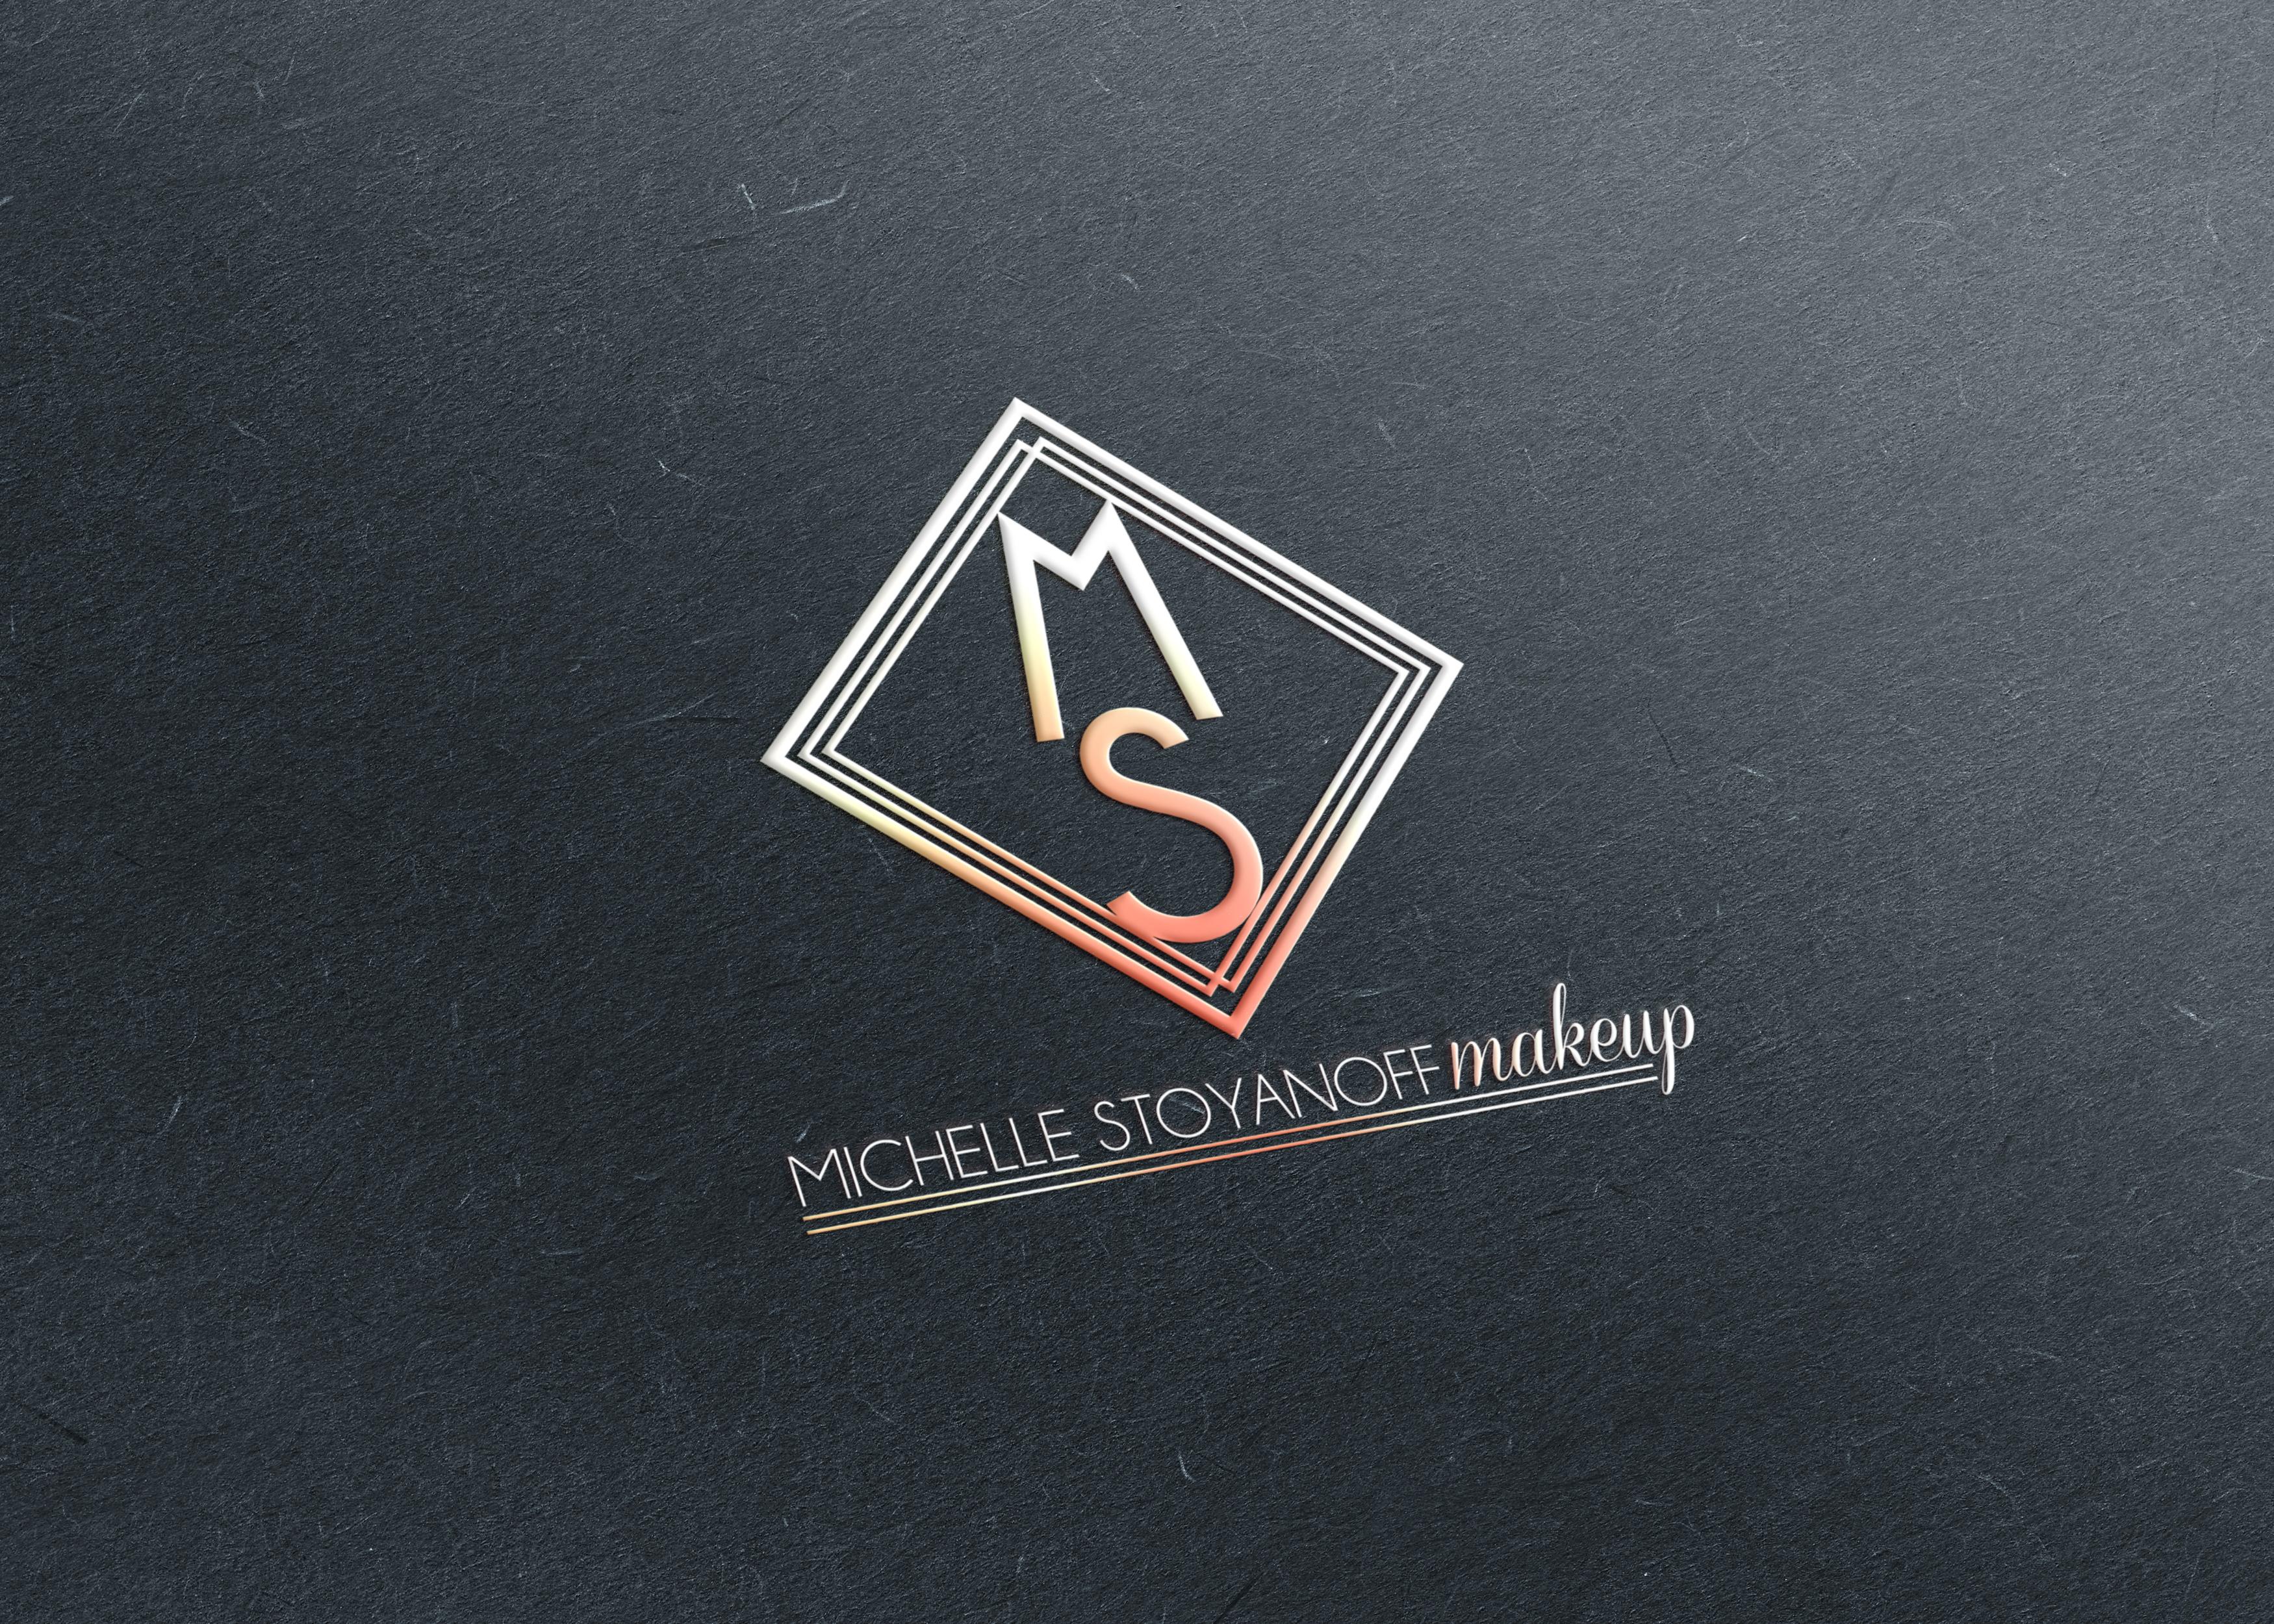 Michelle Stoyanoff MakeUp Logo